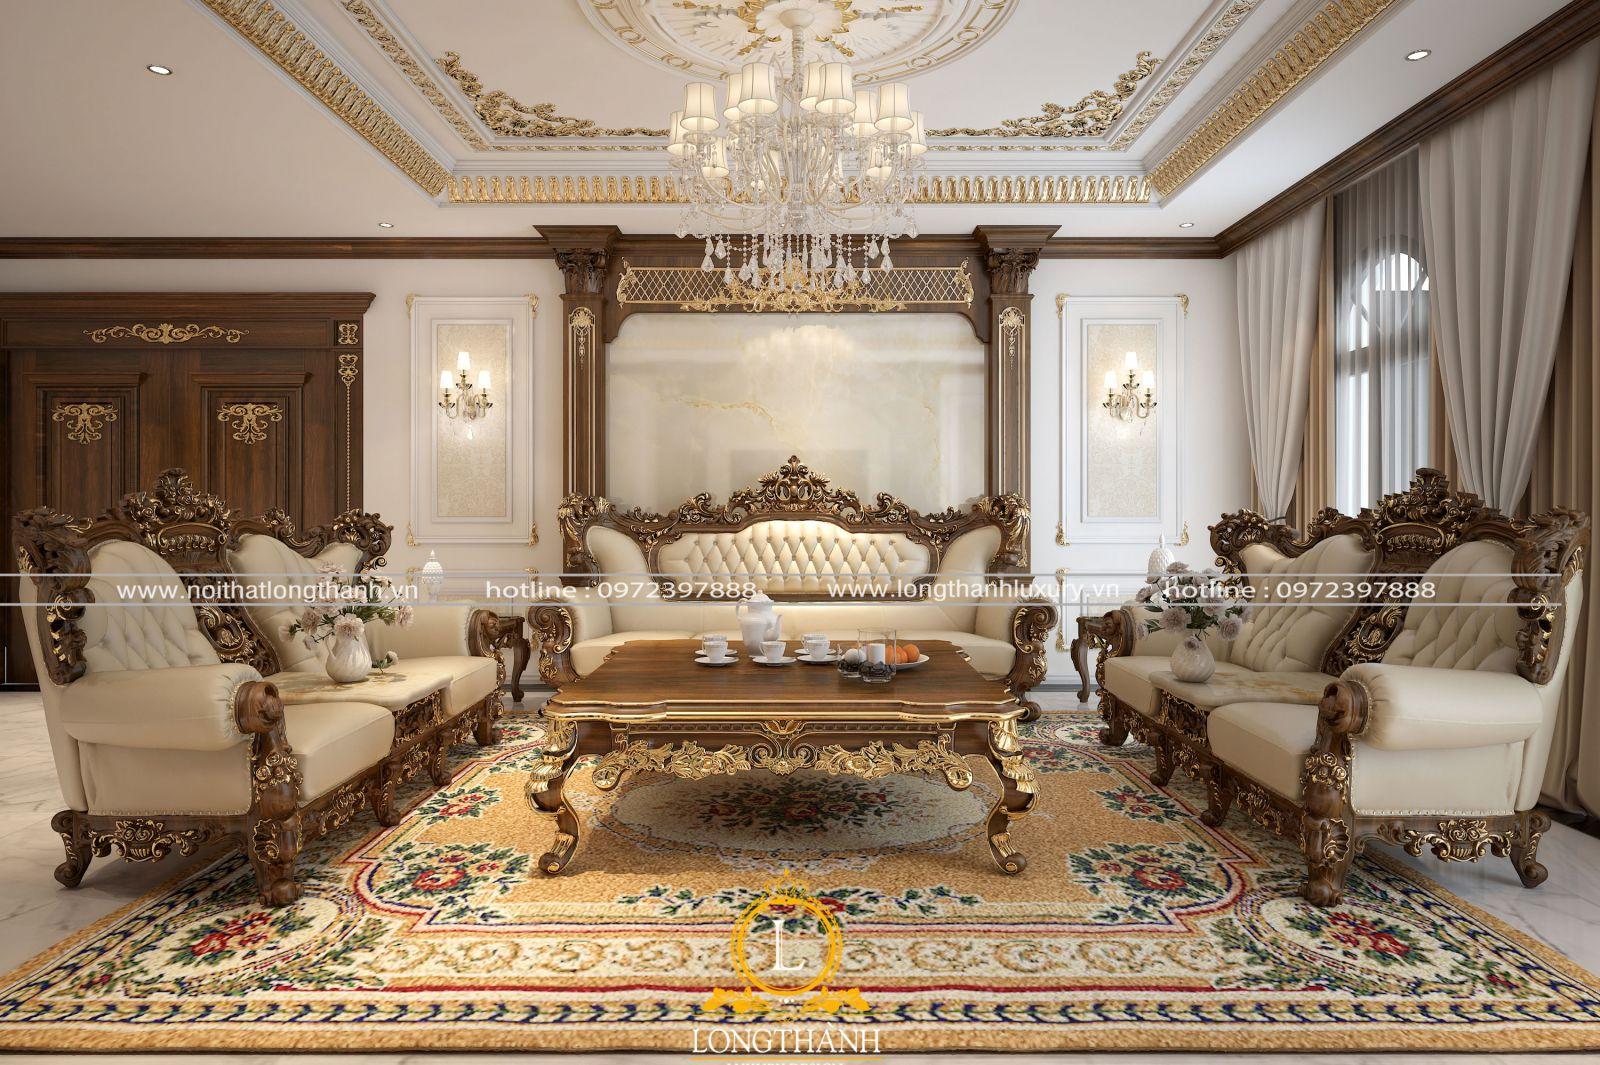 Tổng thể mẫu sofa tân cổ điển góc nhìn chính diện